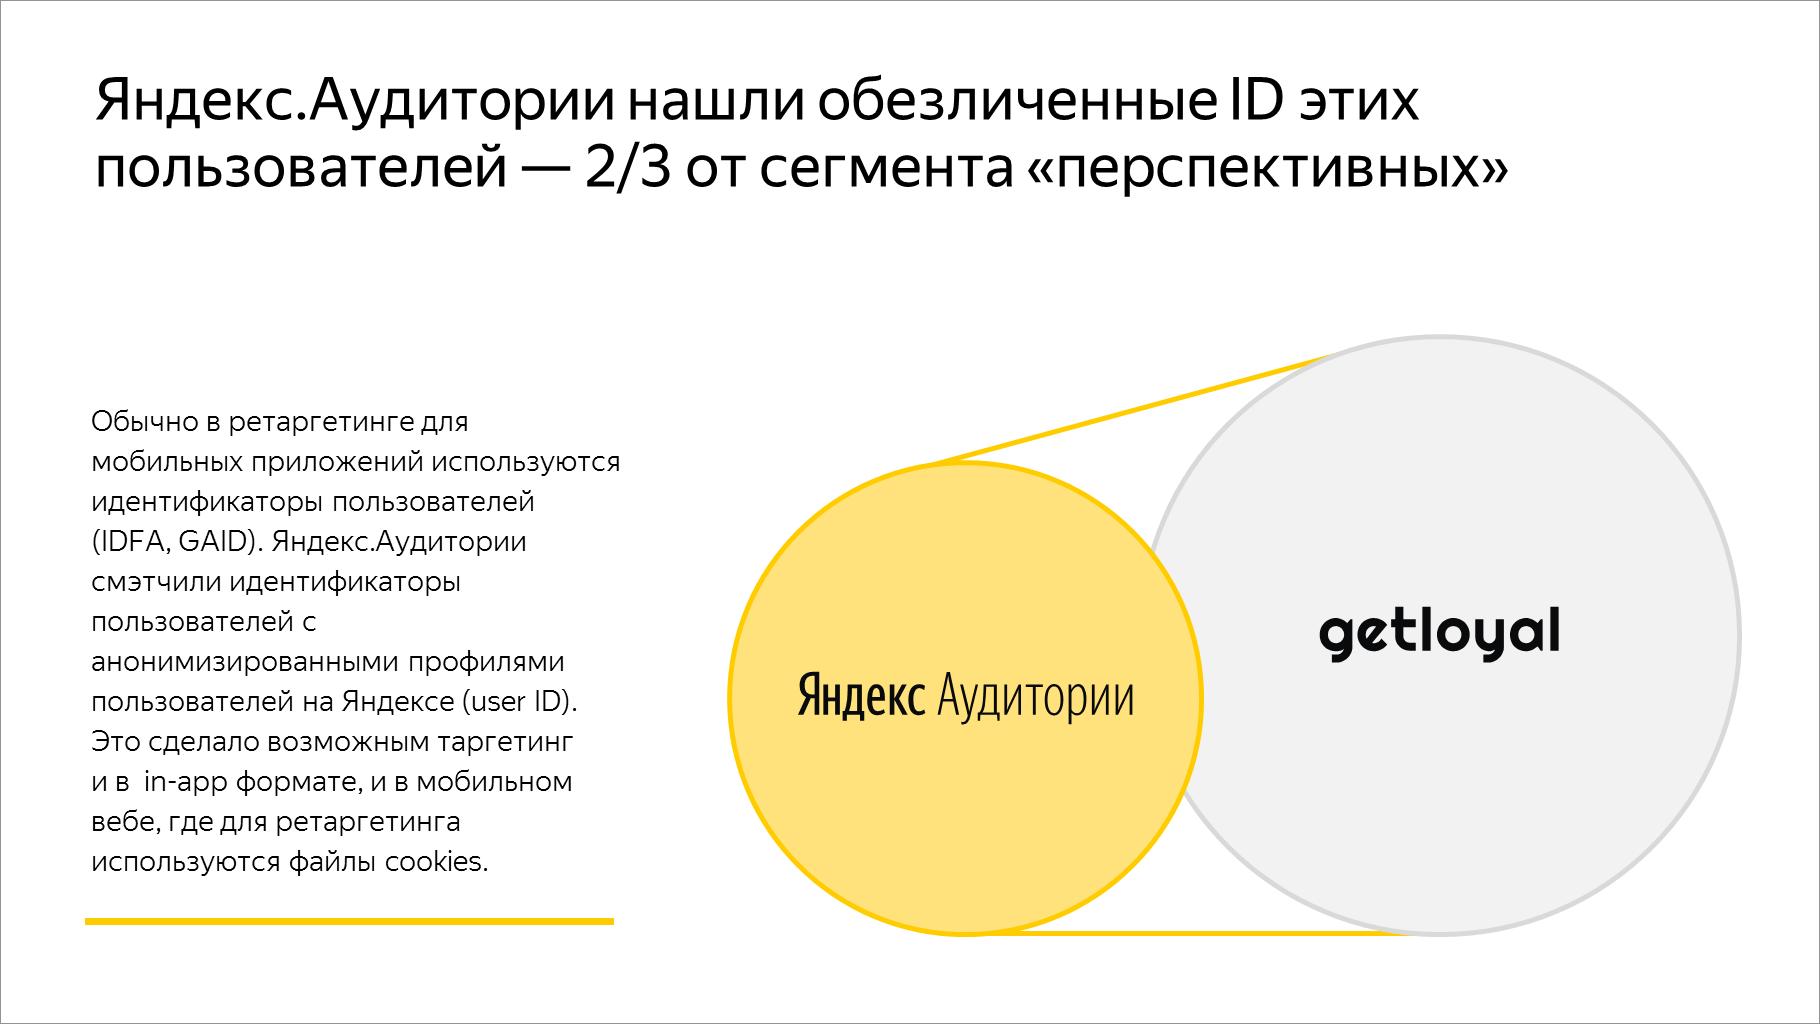 Яндекс.Аудитории нашли обезличенные ID этих пользователей — 2/3 от сегмента «перспективных»